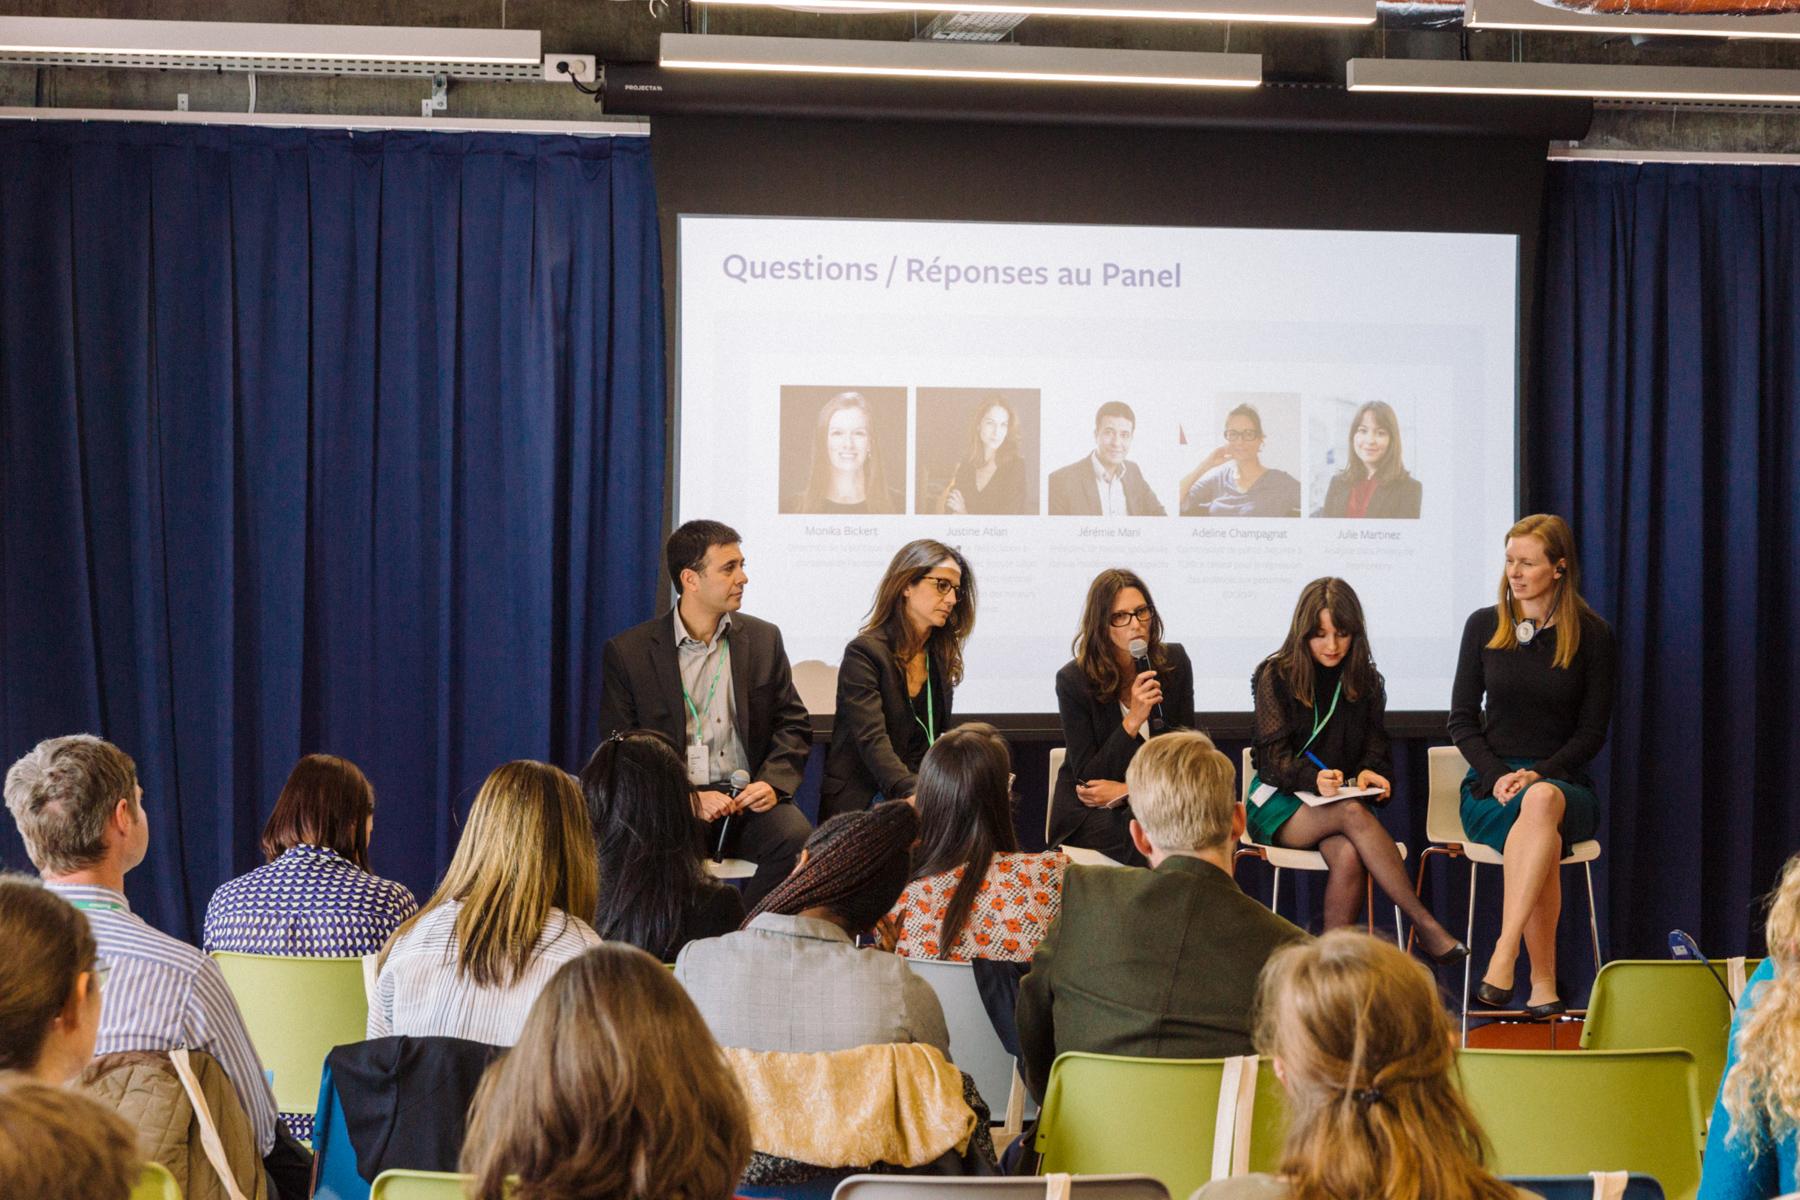 Netino by Webhelp était présent forum de dialogue et de débat Facebook